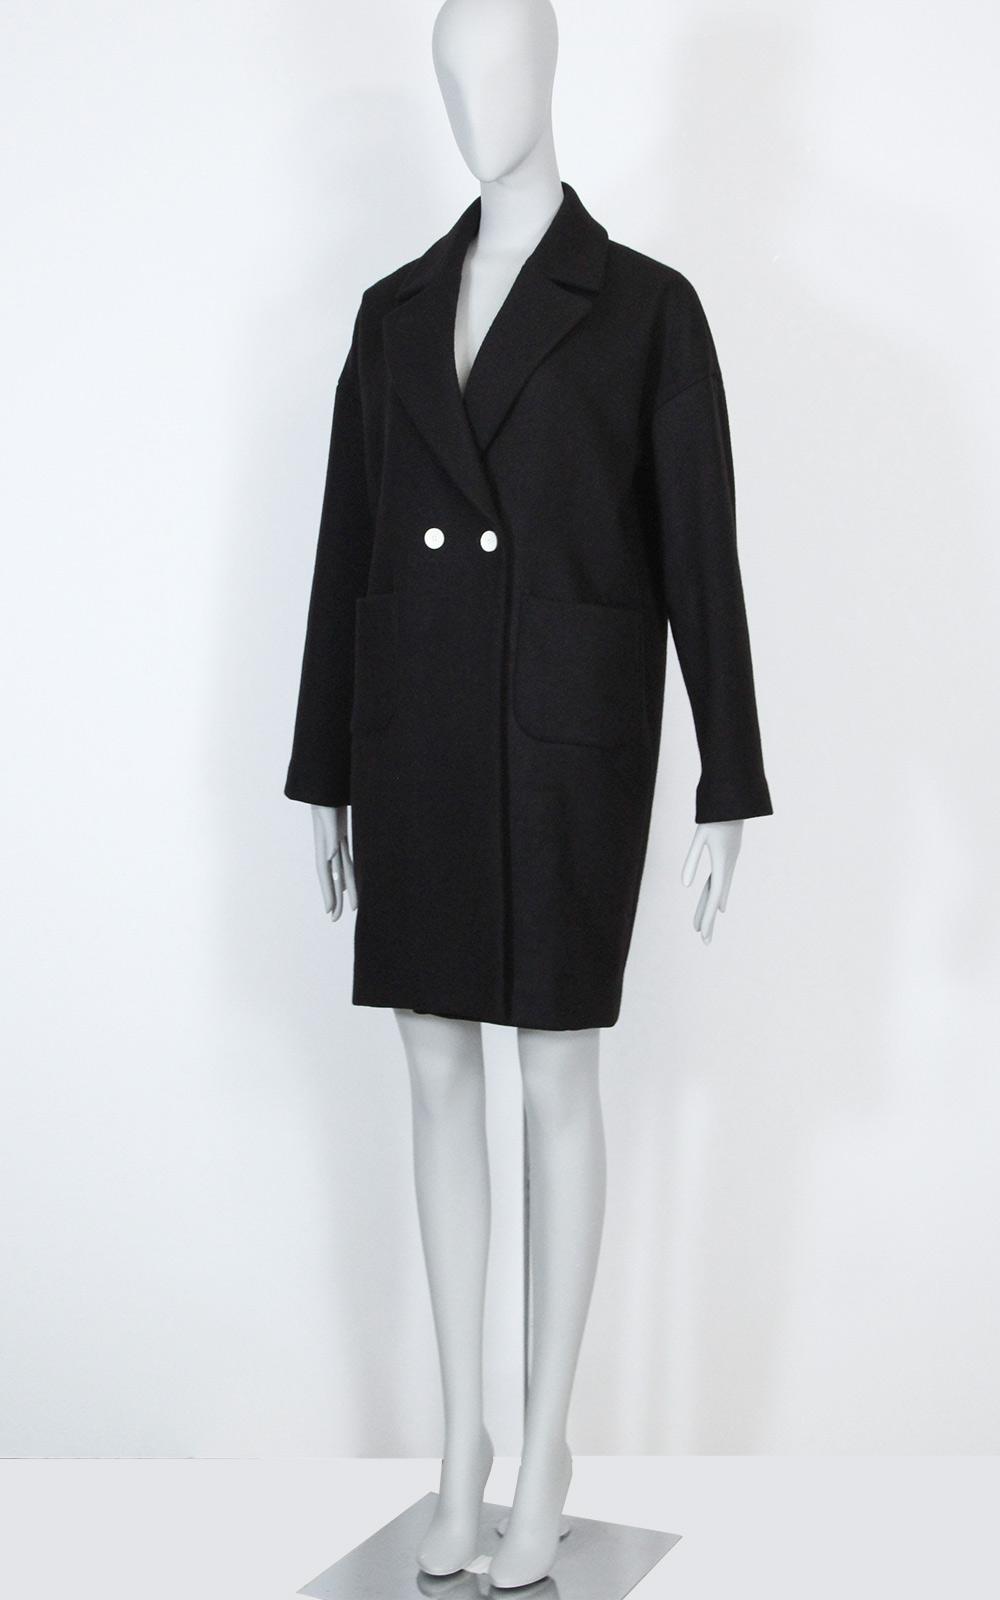 洋裁型紙 ドロップショルダー ダブルブレスト コート